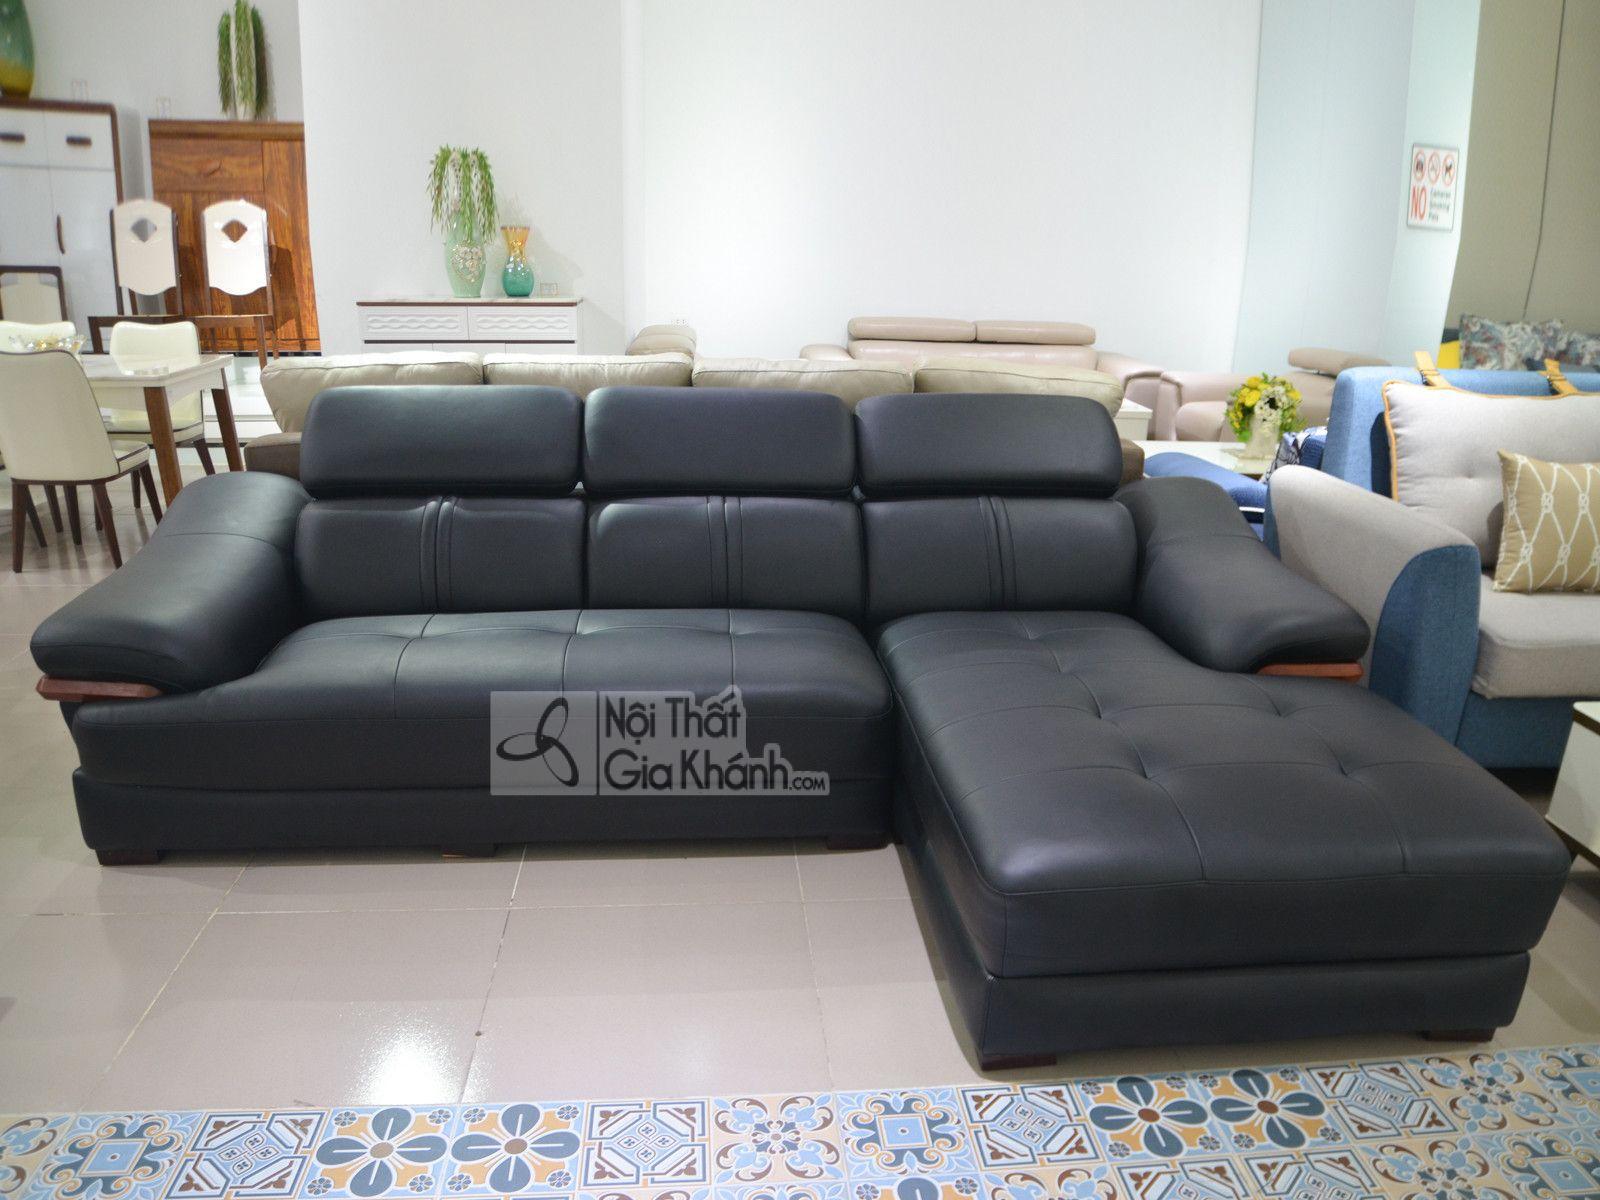 sofa da phong khach 6725d sf - Sofa da 2 băng góc trái ST0672-2-C1